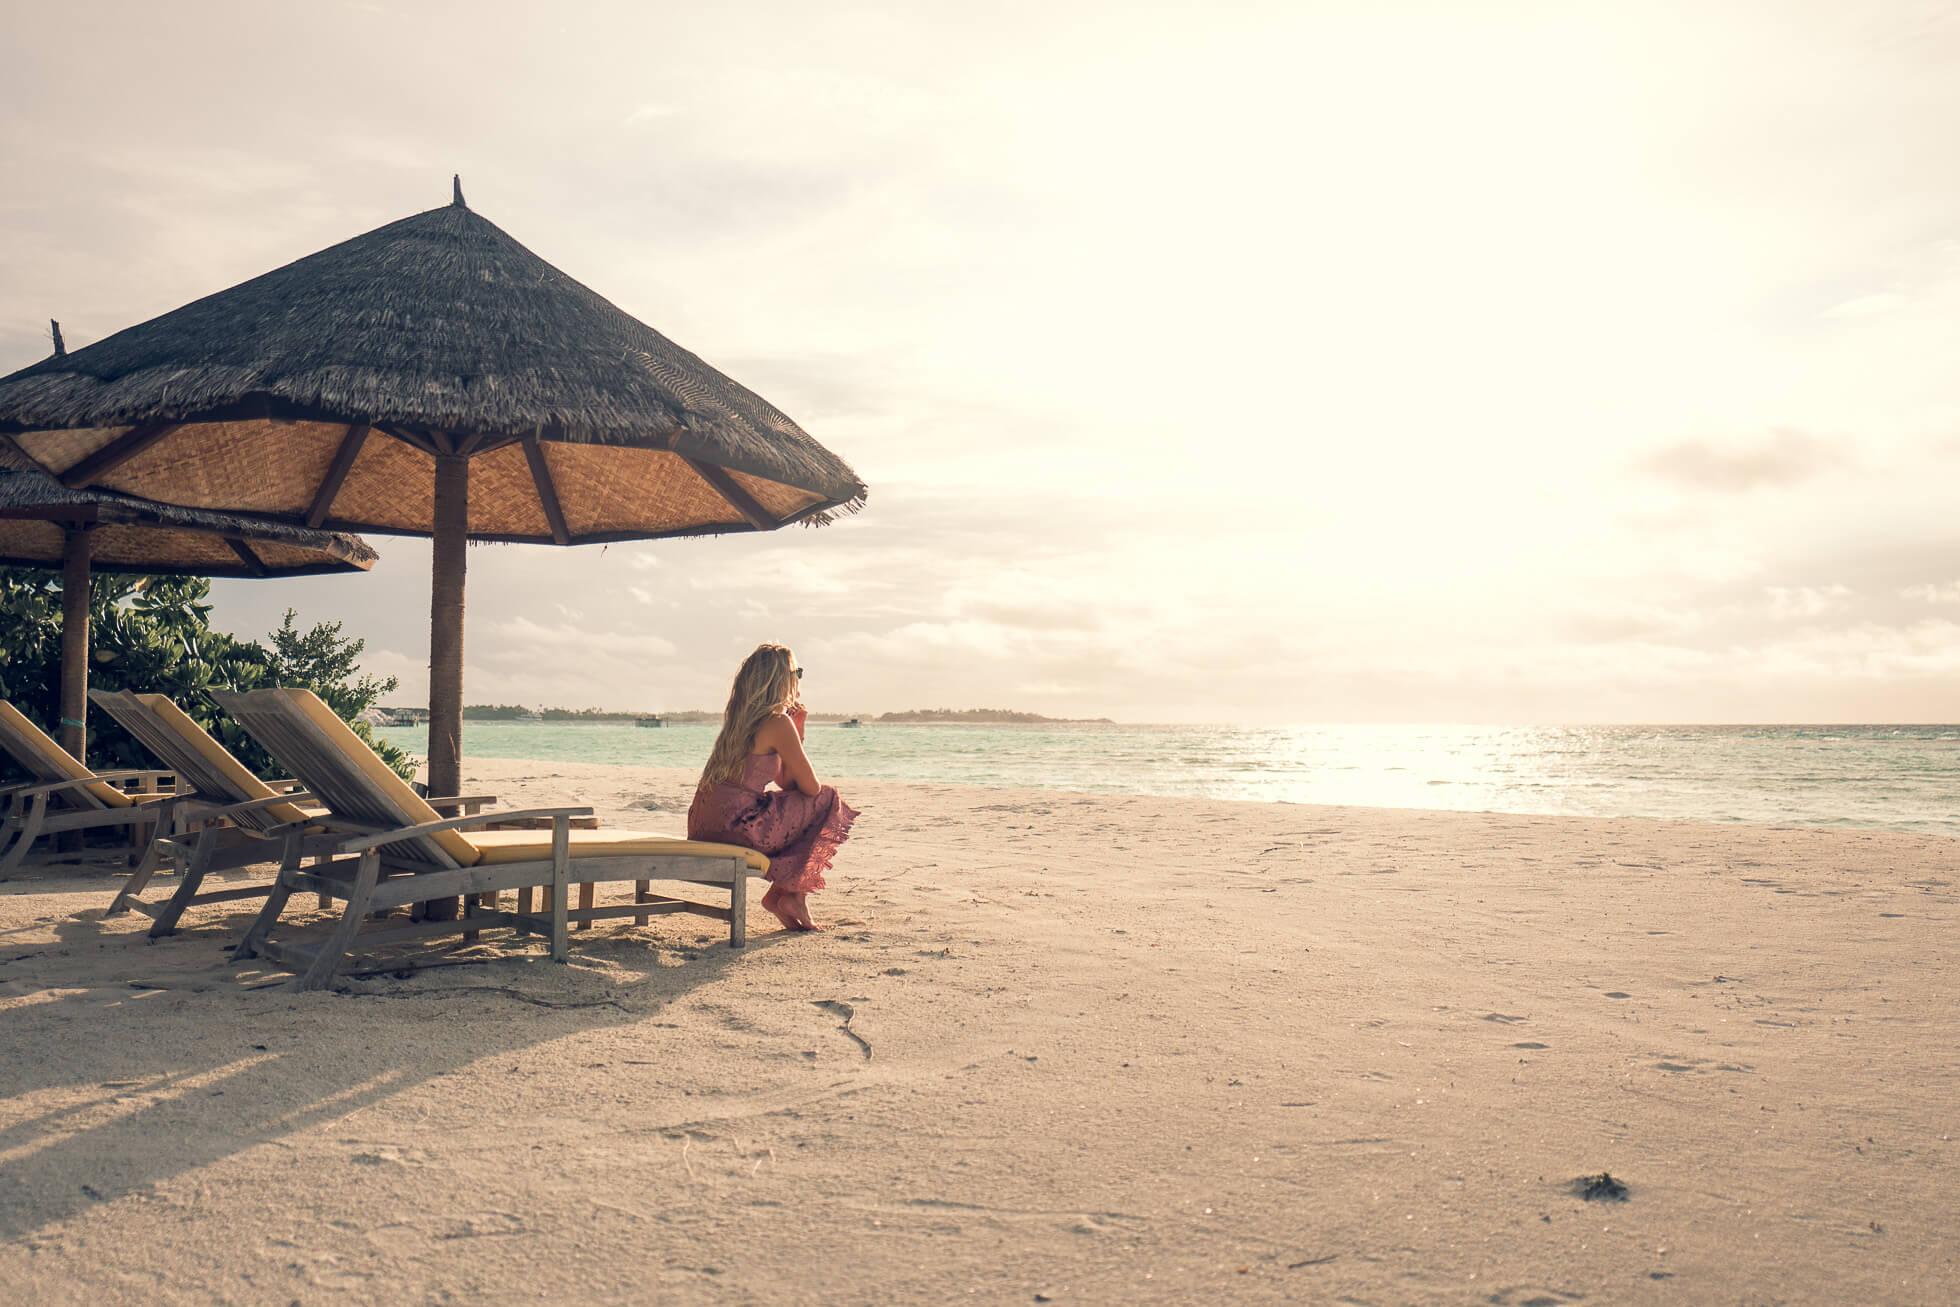 janni-deler-maldives-snapshotsl1140808